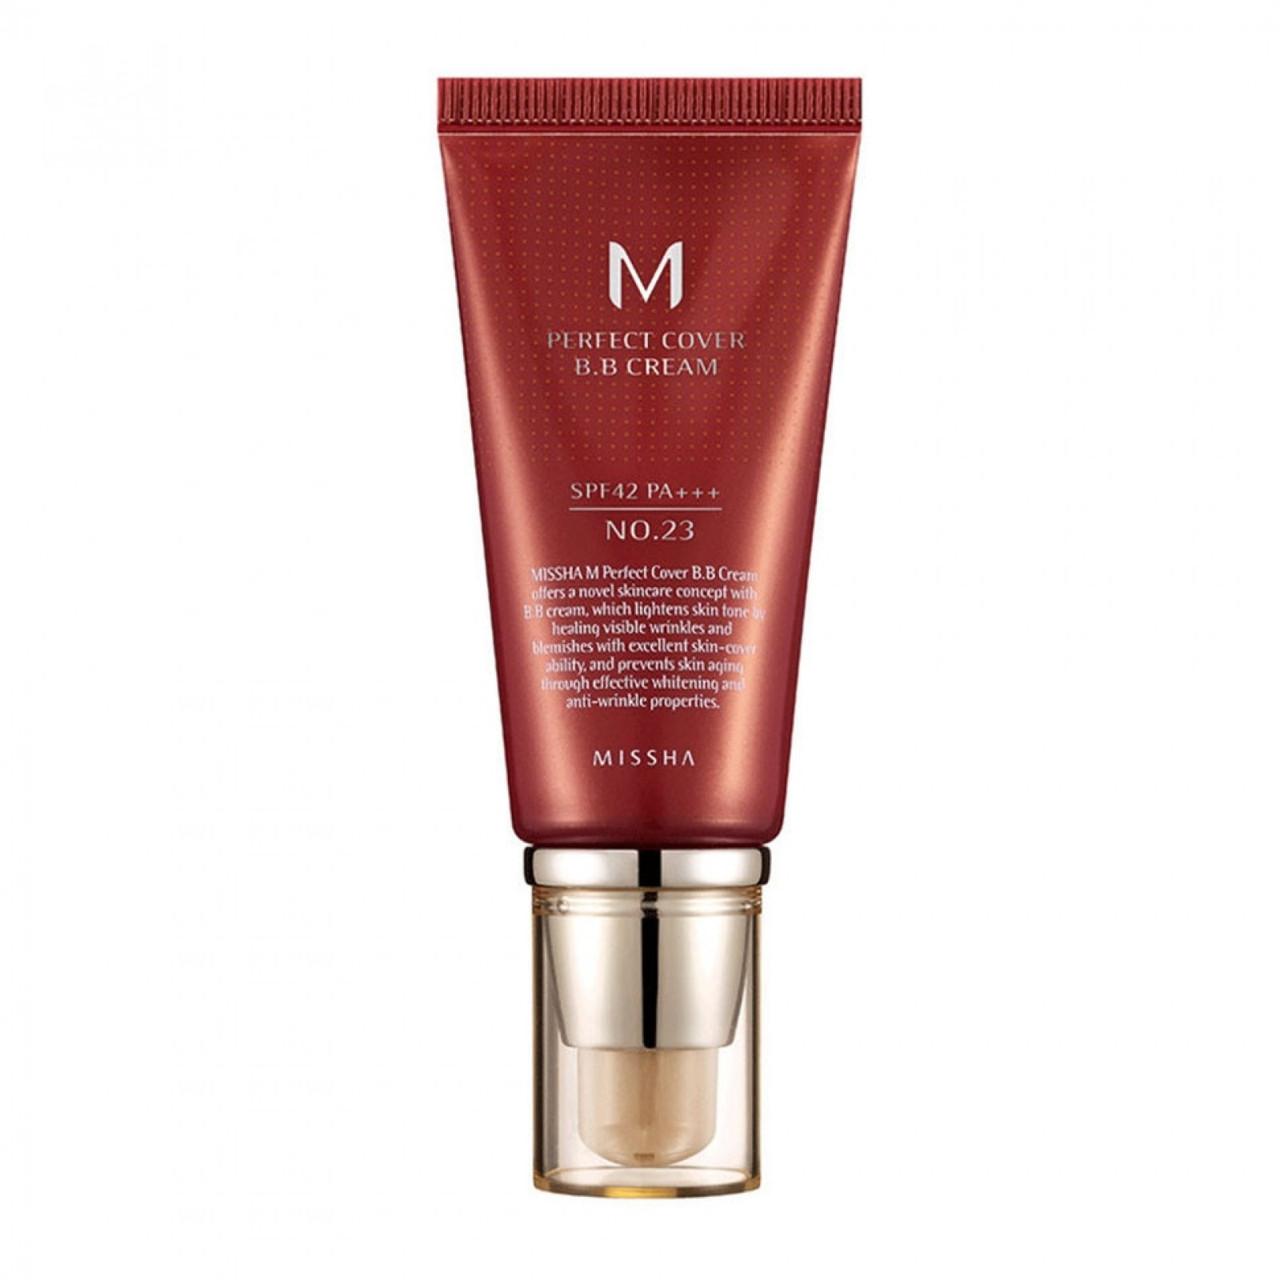 ВВ Крем увлажняющий и матирующий Missha M Perfect Cover BB Cream №23 Натуральный бежевый (20 мл)